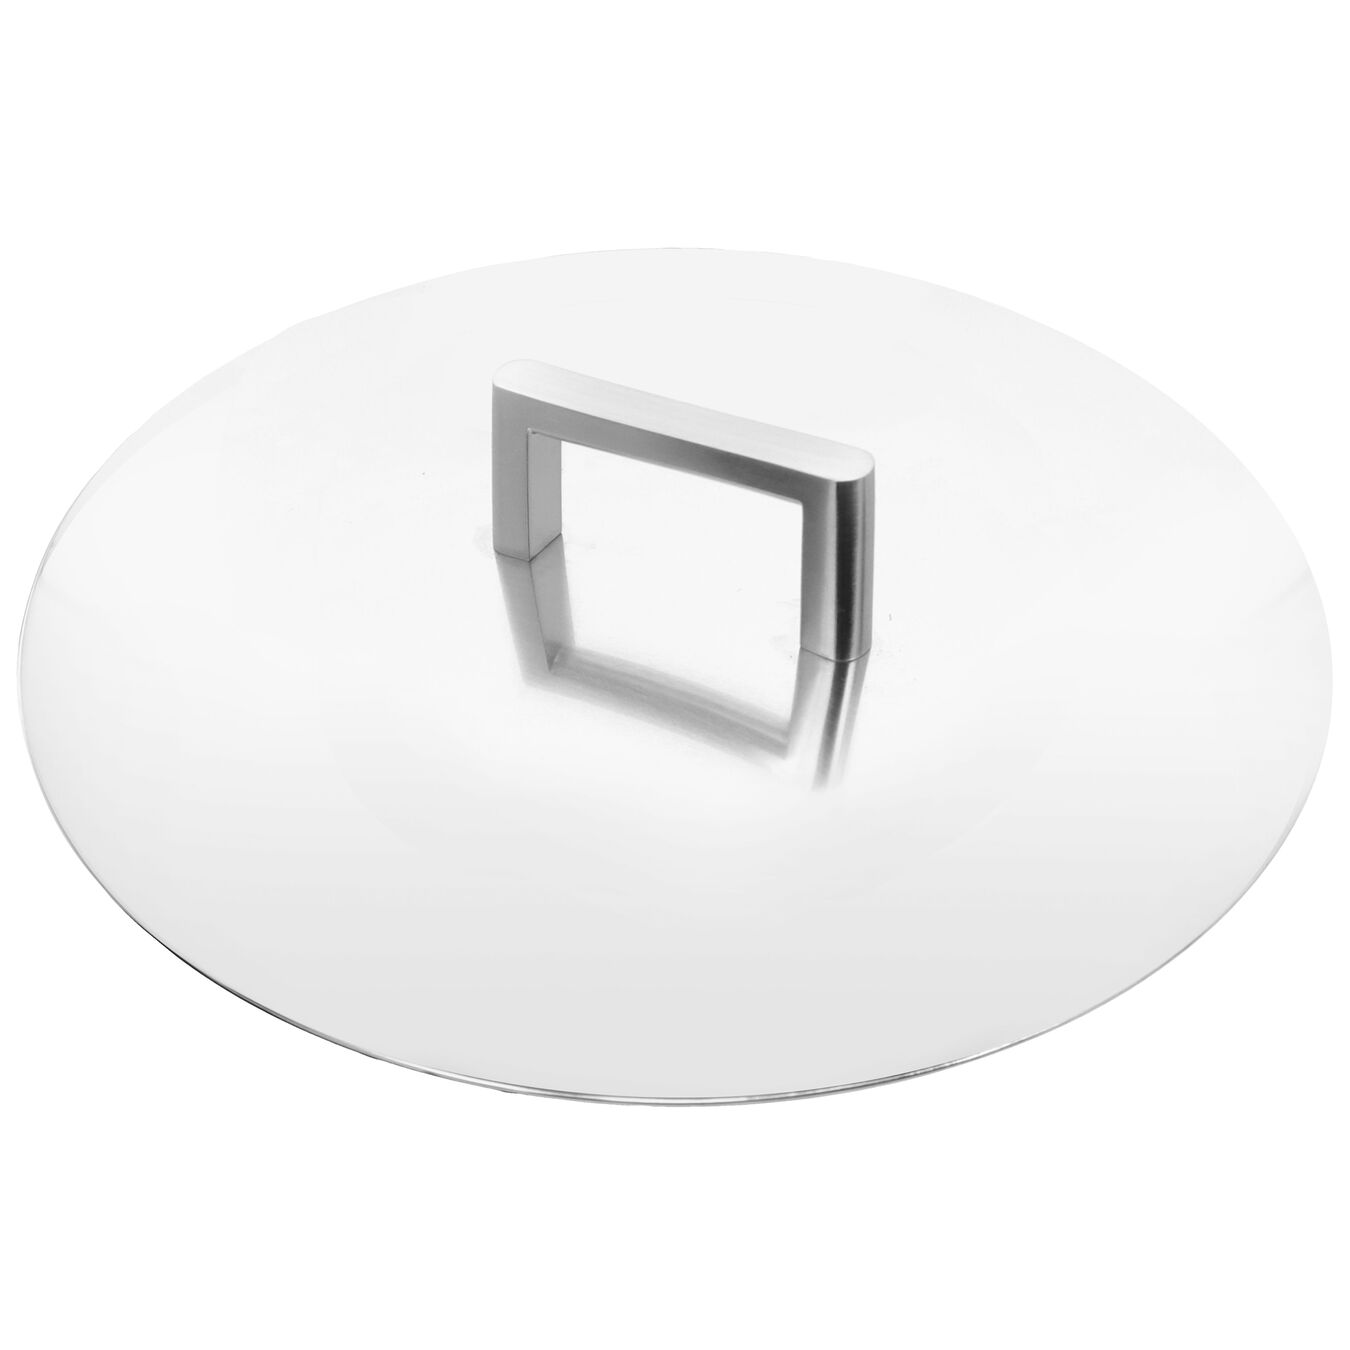 Sığ Tencere çift çıdarlı kapak | 18/10 Paslanmaz Çelik | 24 cm | Metalik Gri,,large 3